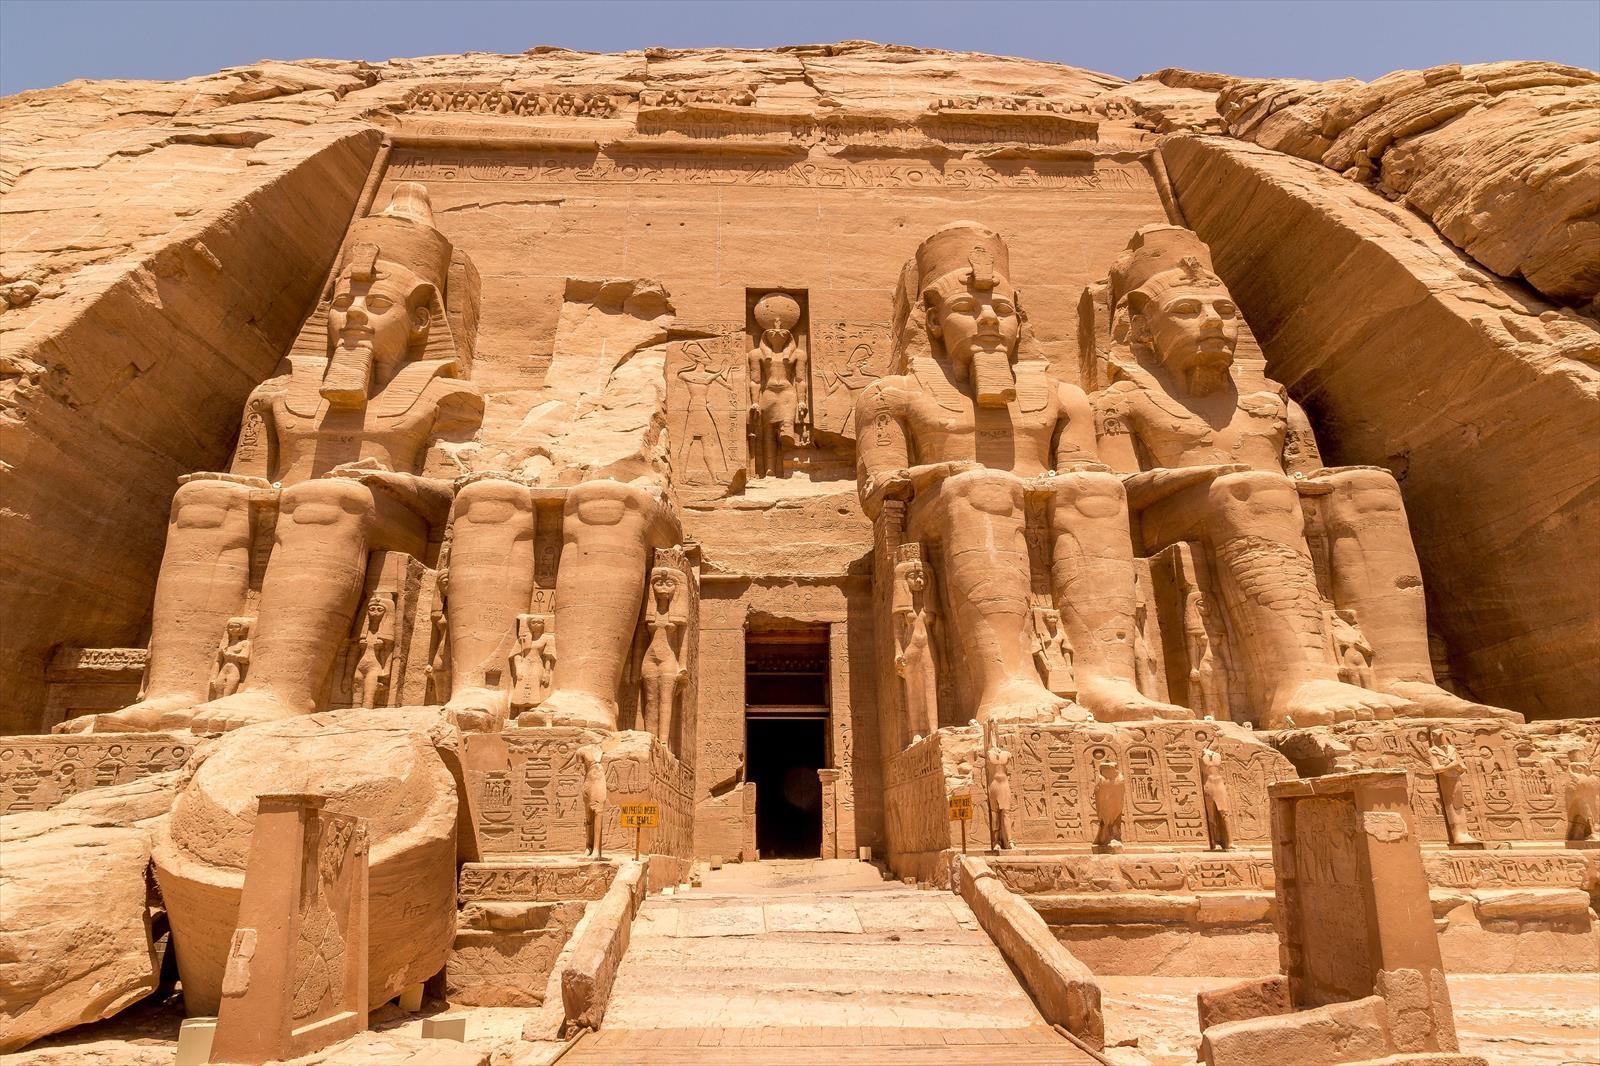 Plavba lodí po Nilu za historií Faraonů a pobyt u moře